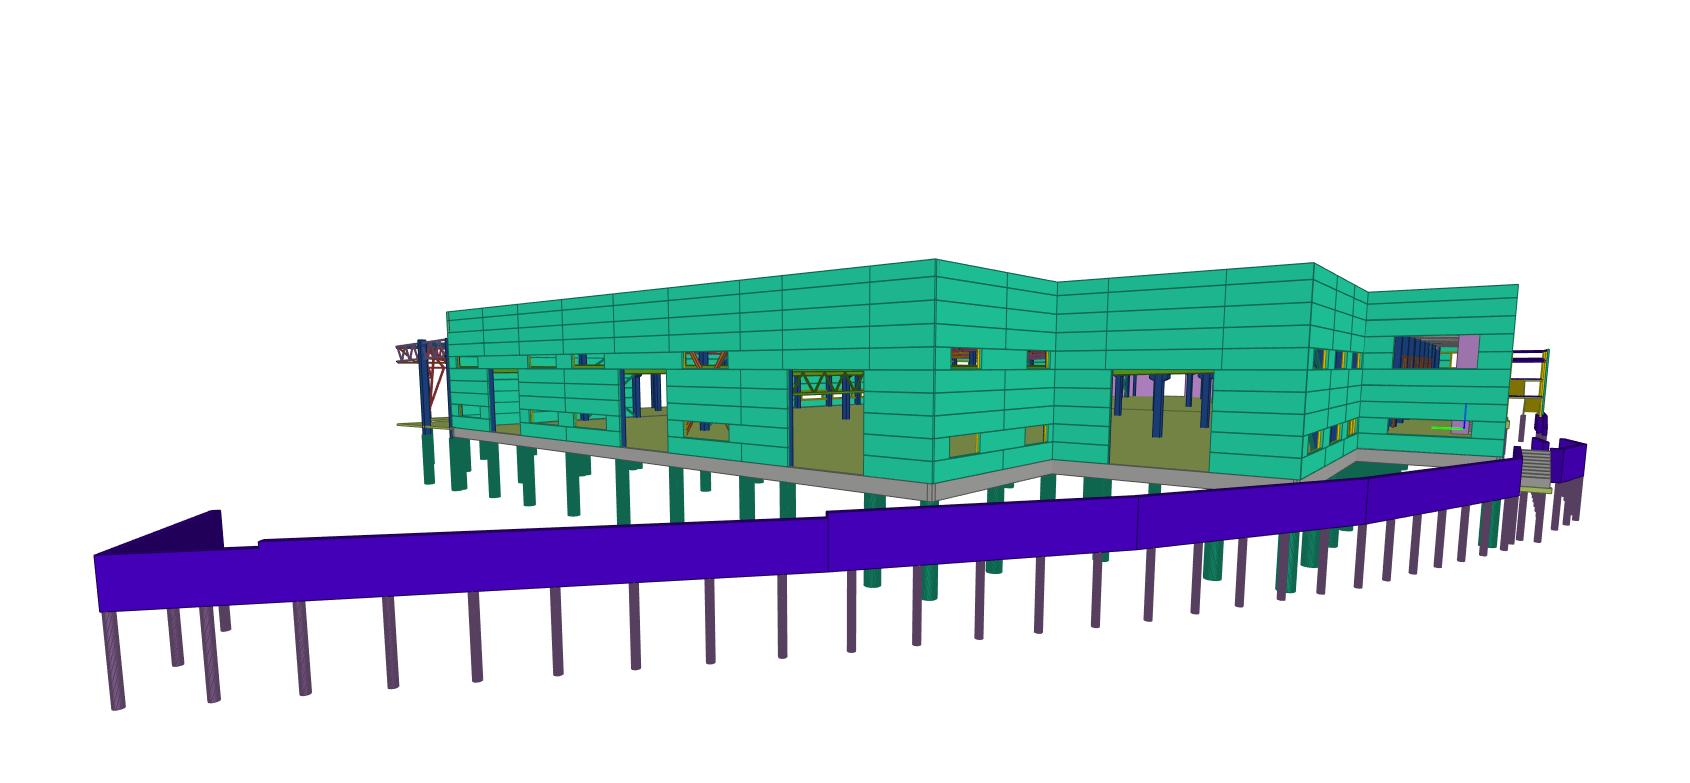 Harju gamyklos projektavimas BIM aplinkoje